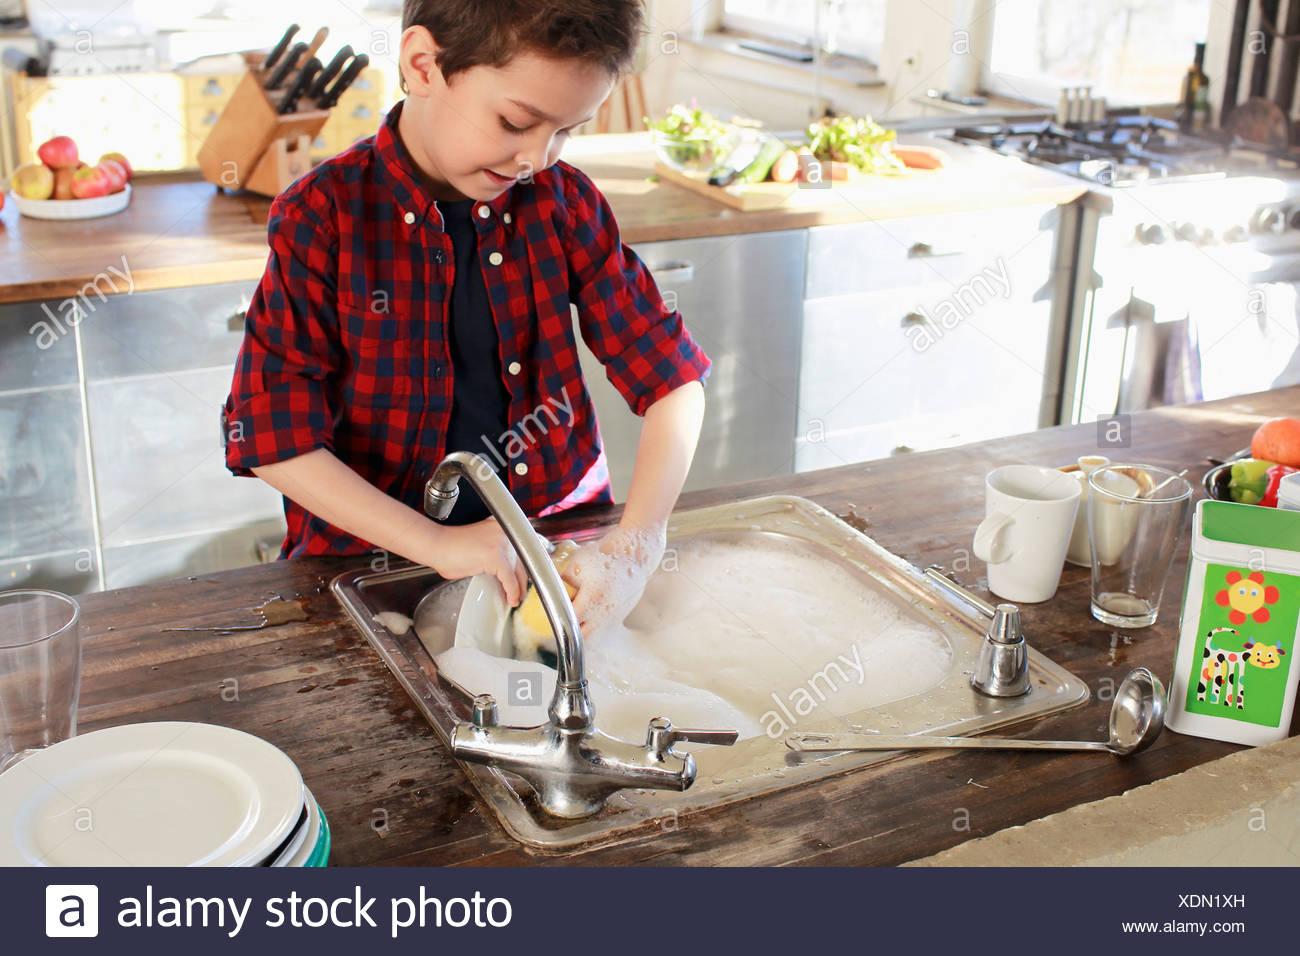 Ragazzo giovane lavaggio fino in cucina Immagini Stock